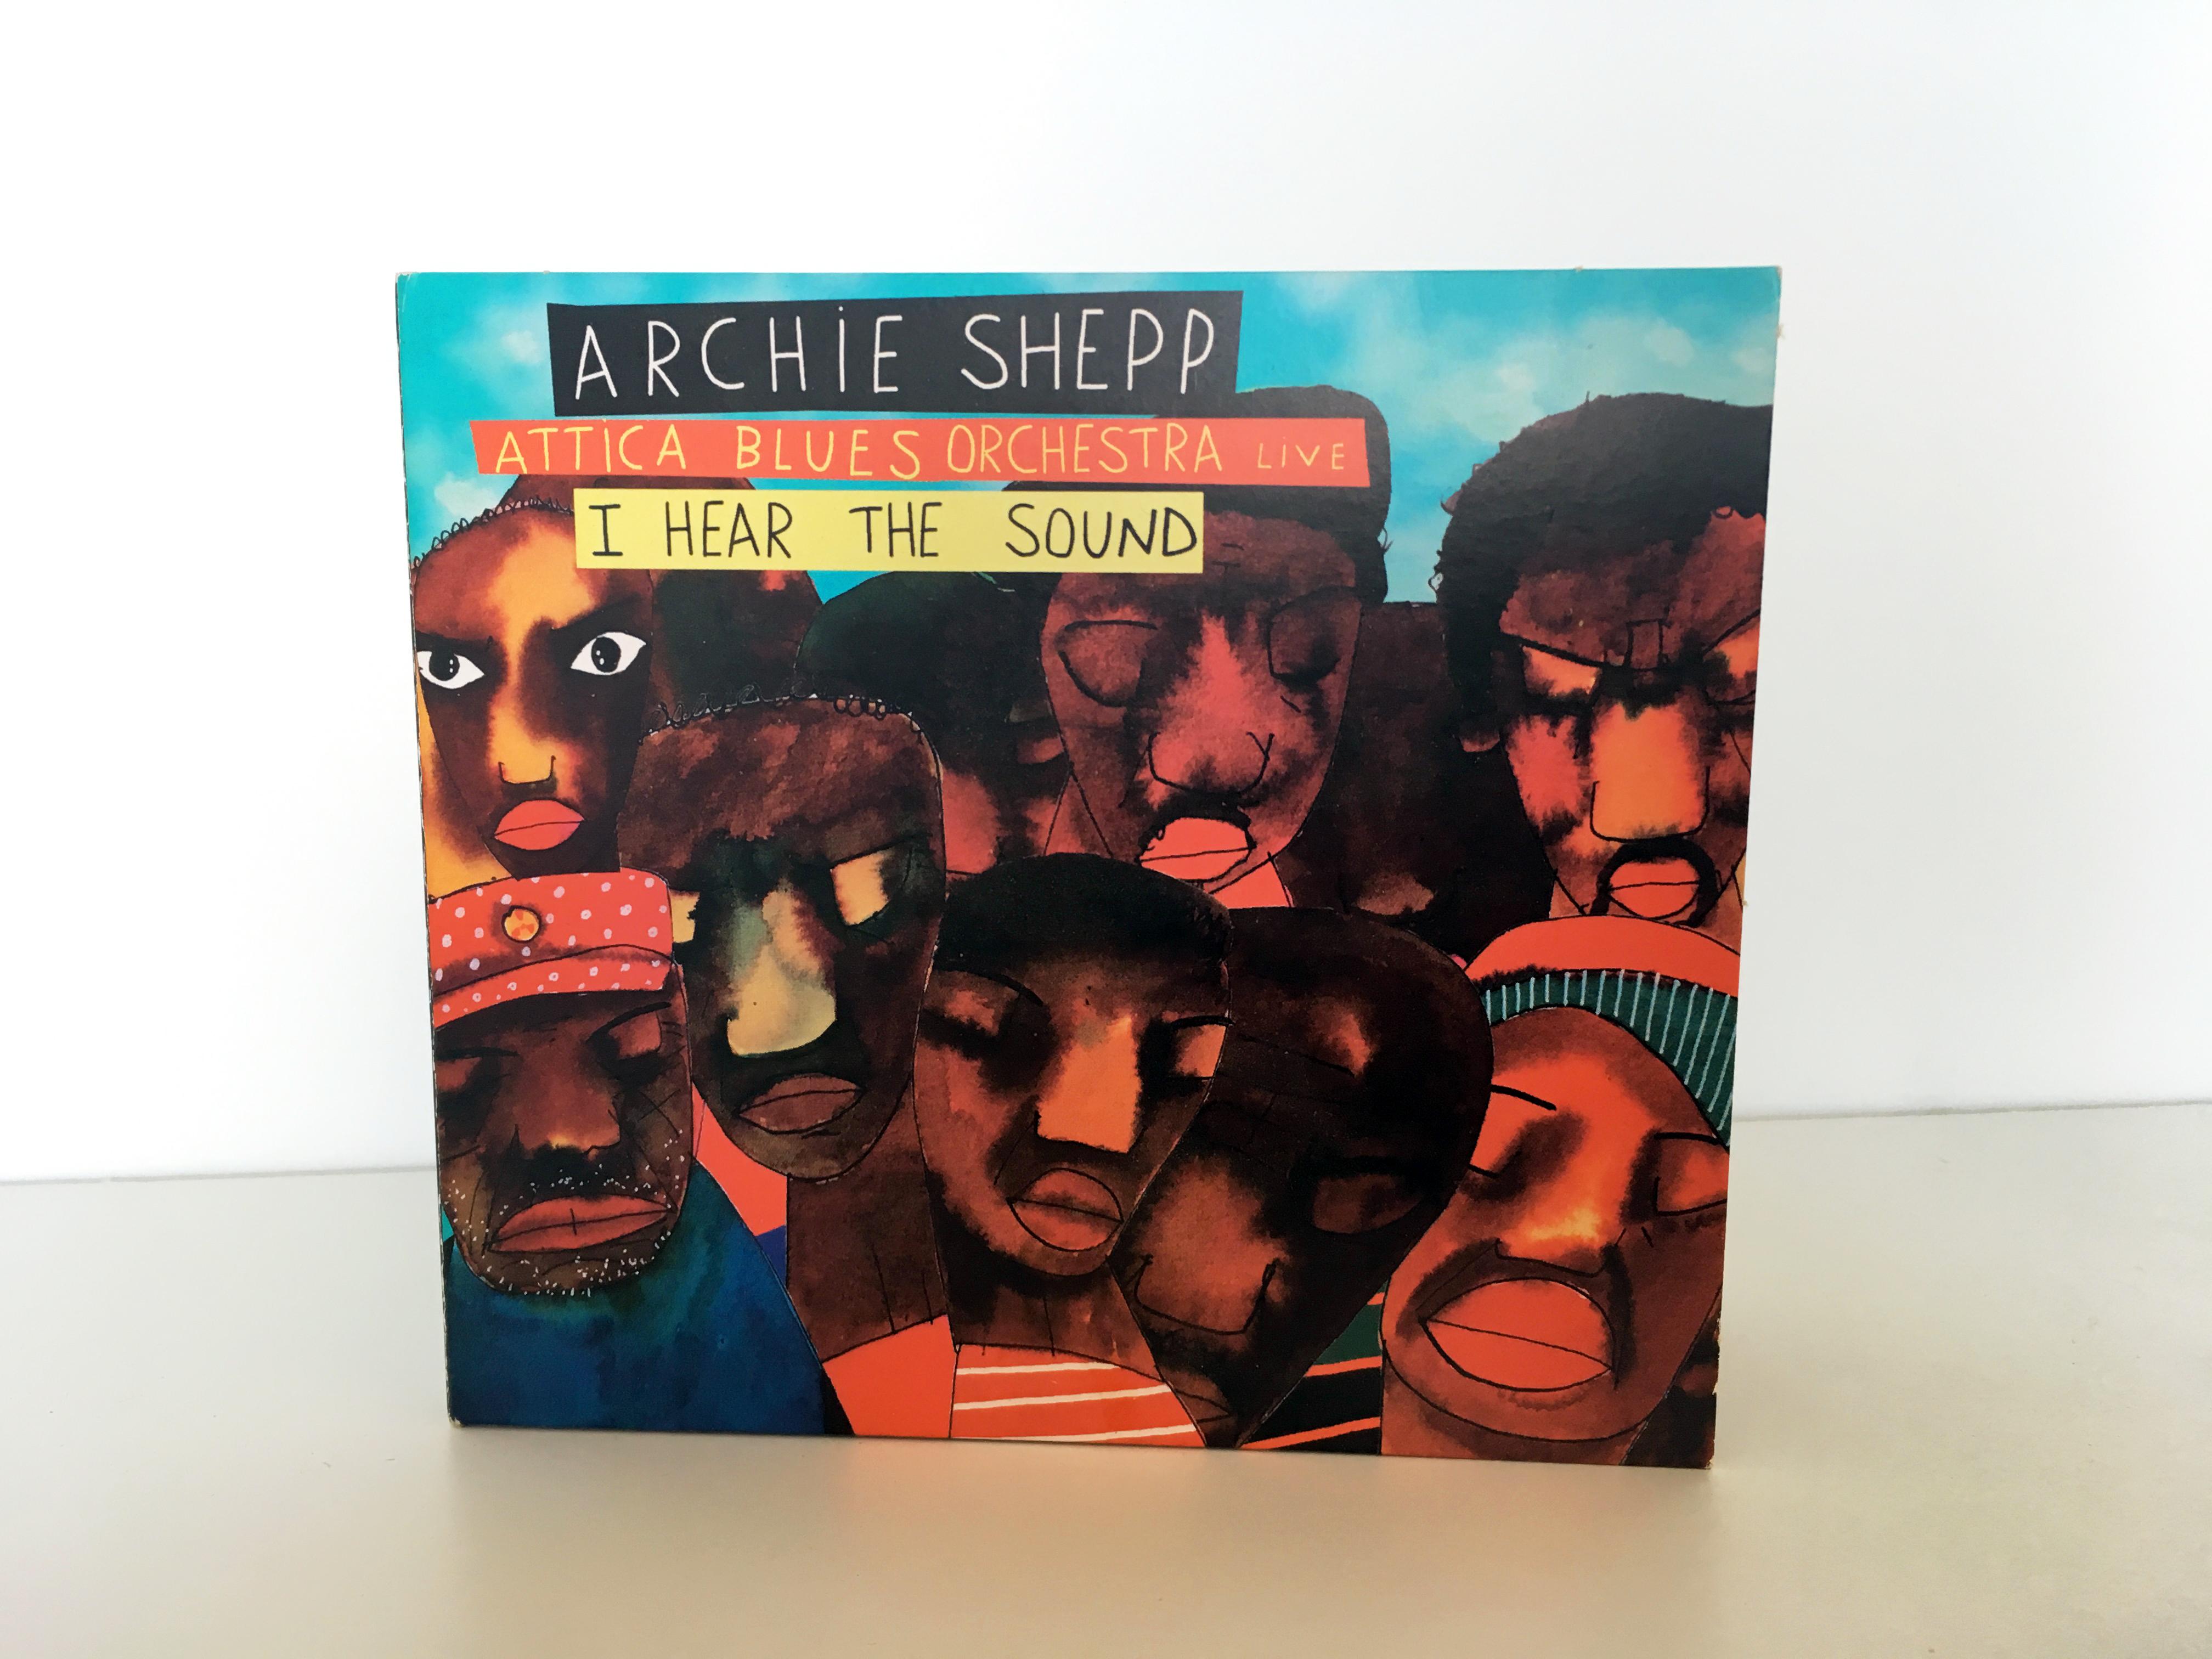 ARCHIE SHEPP-ATTICA BLUES 2013